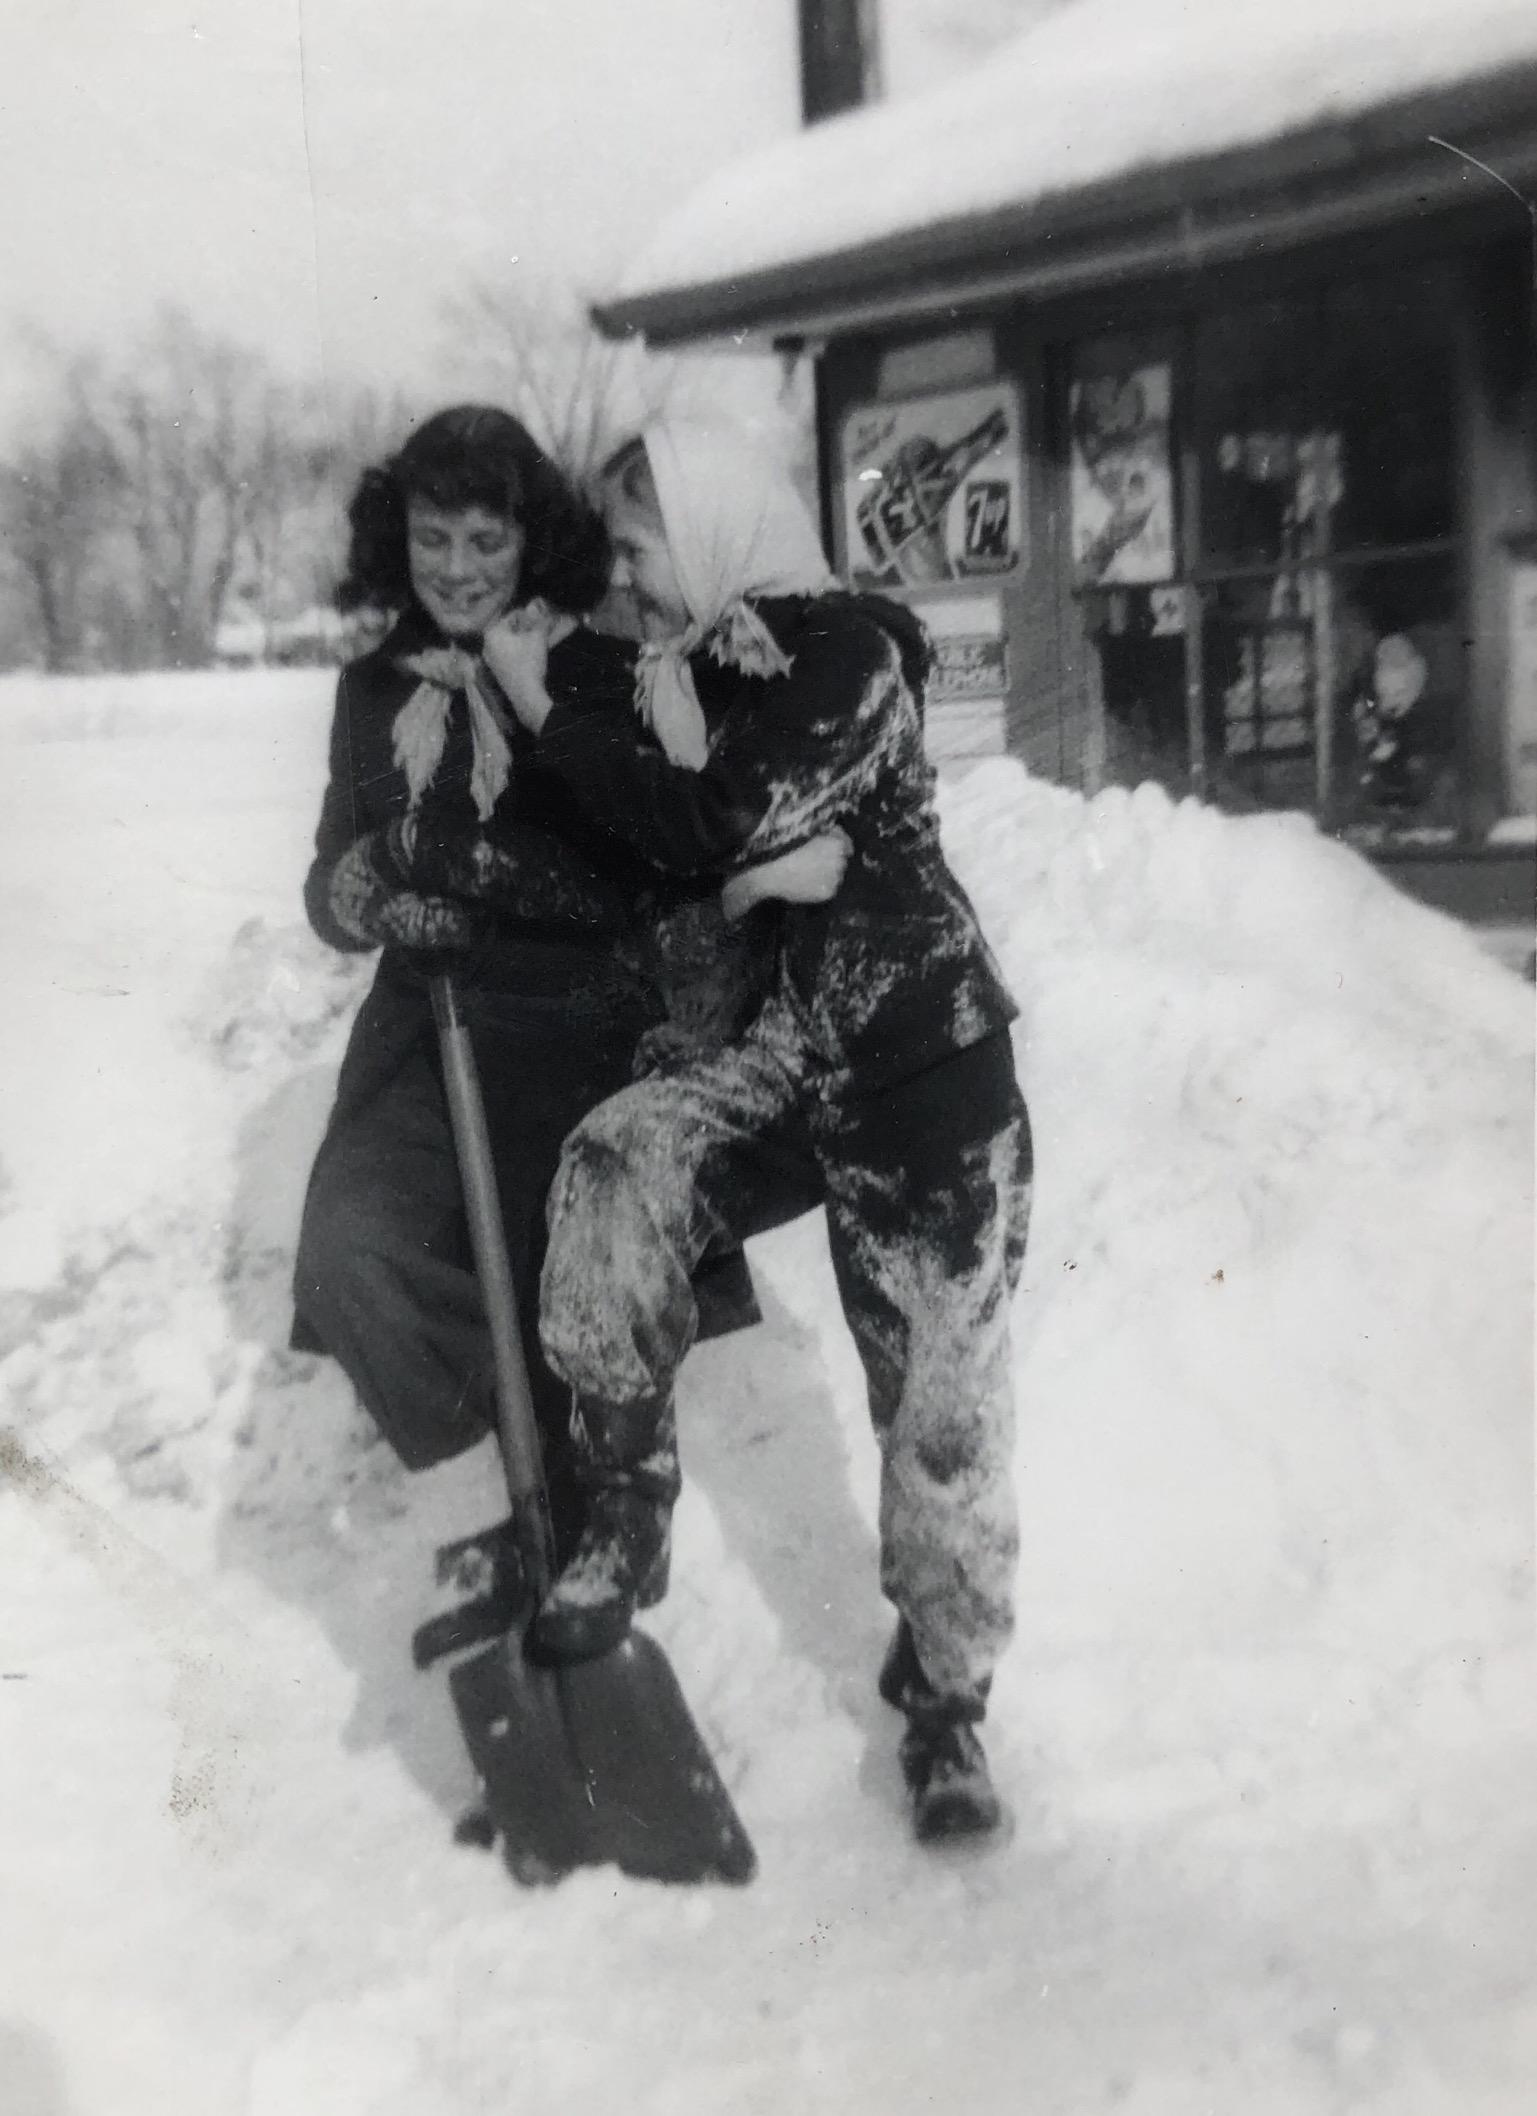 Frances Galipeau (l) and Dorothy Carpenter, allegedly shoveling